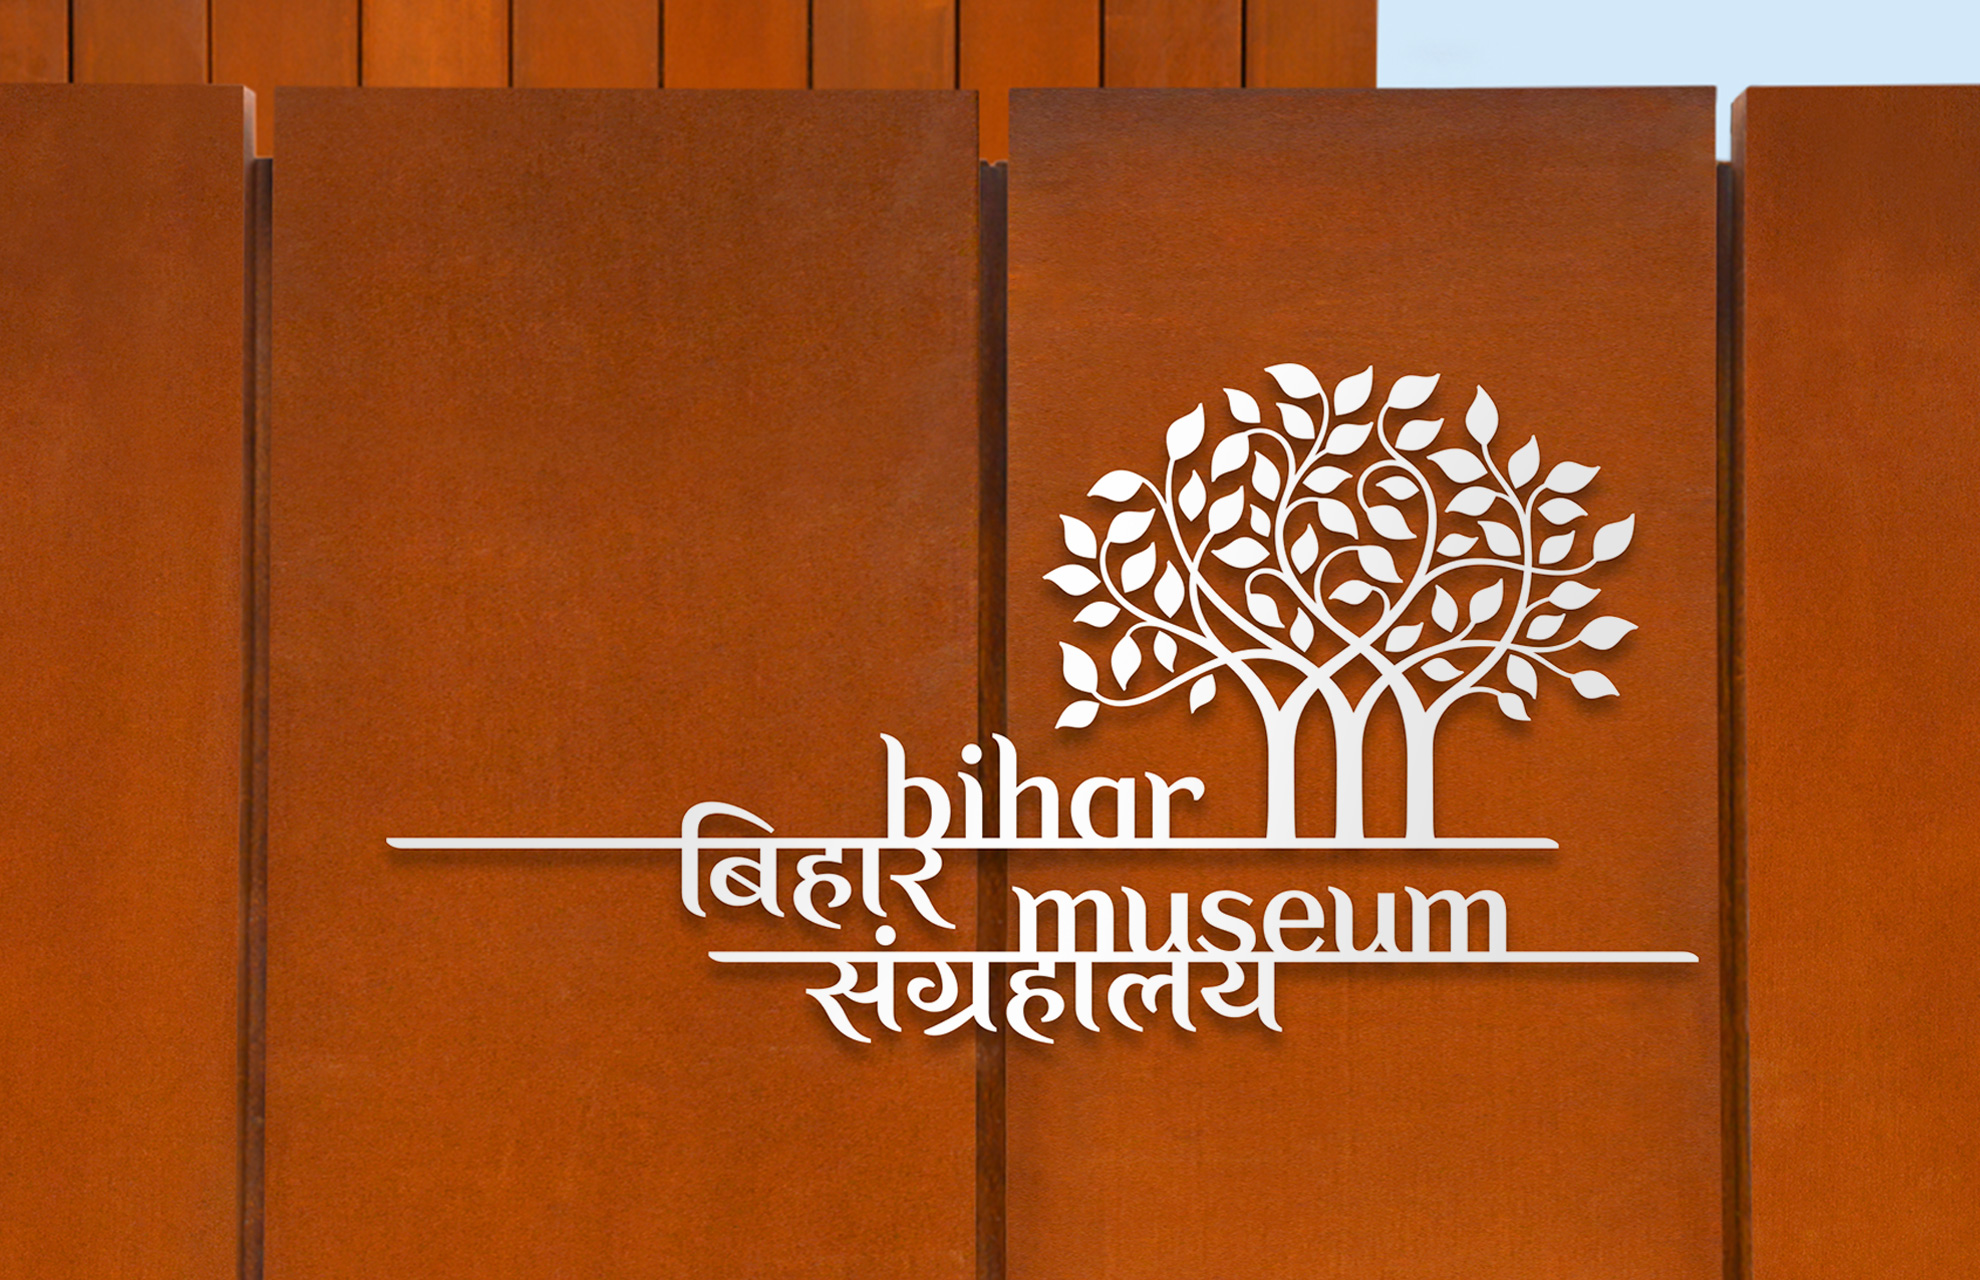 Bihar-Museum-1A